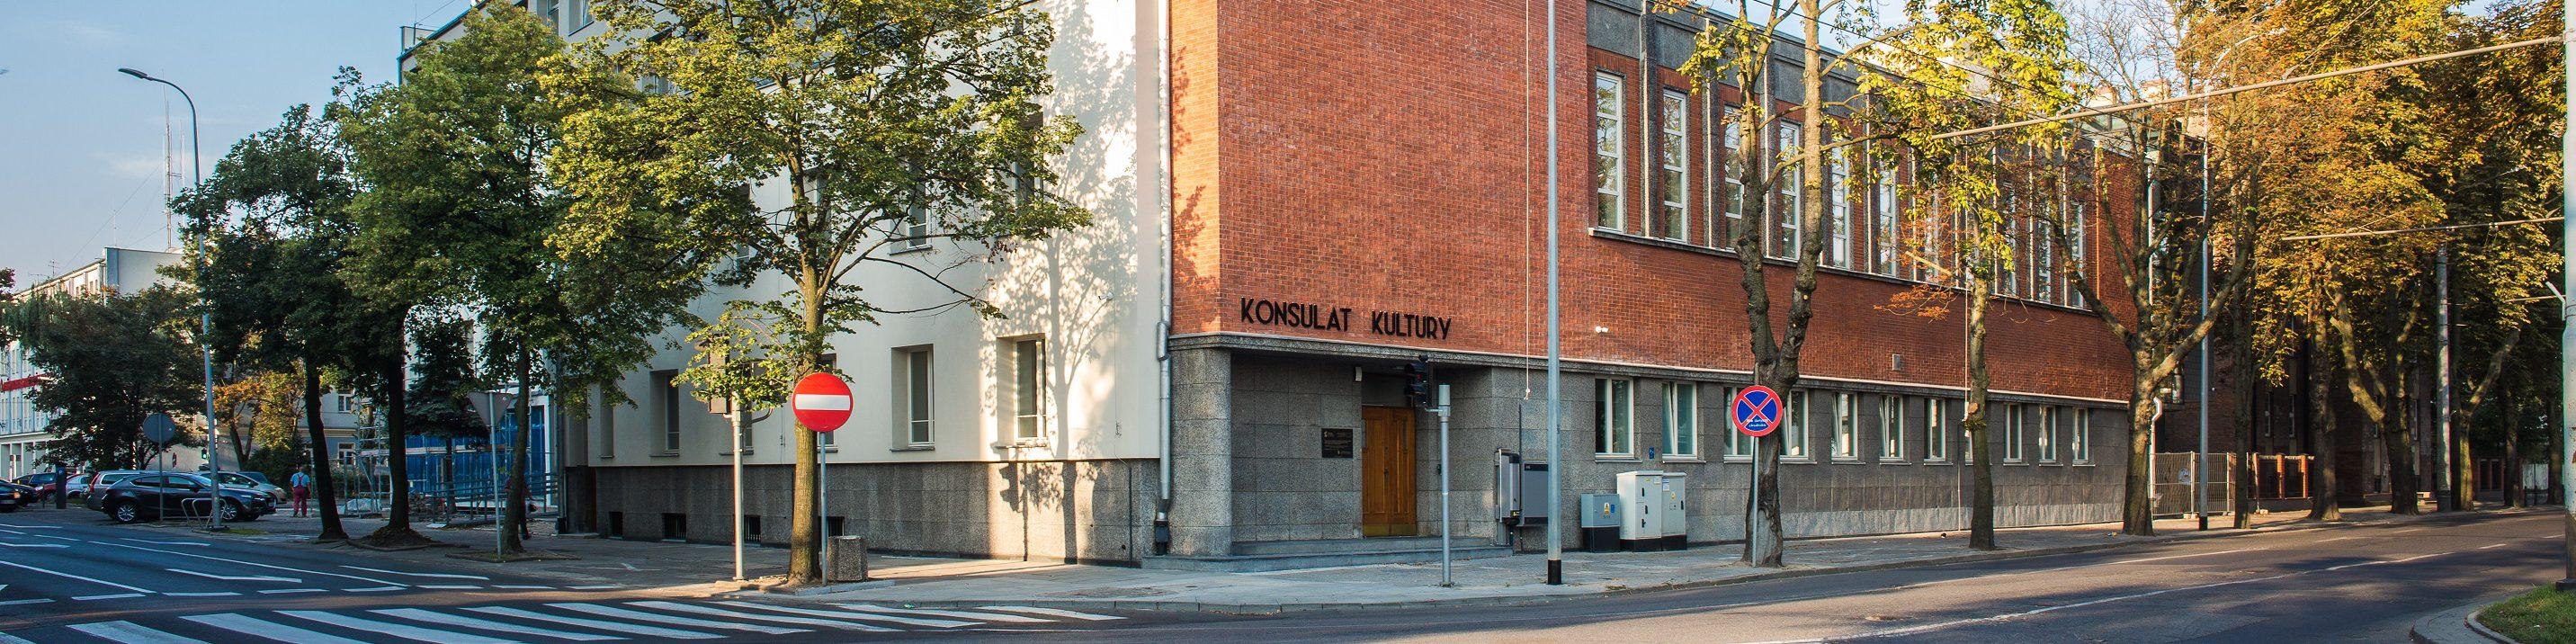 127d5628 Gdyńskie Centrum Kultury jest samorządową instytucją kultury, kontynuatorem  działalności Centrum Kultury w Gdyni. Produkuje spektakle w ramach Teatru  ...